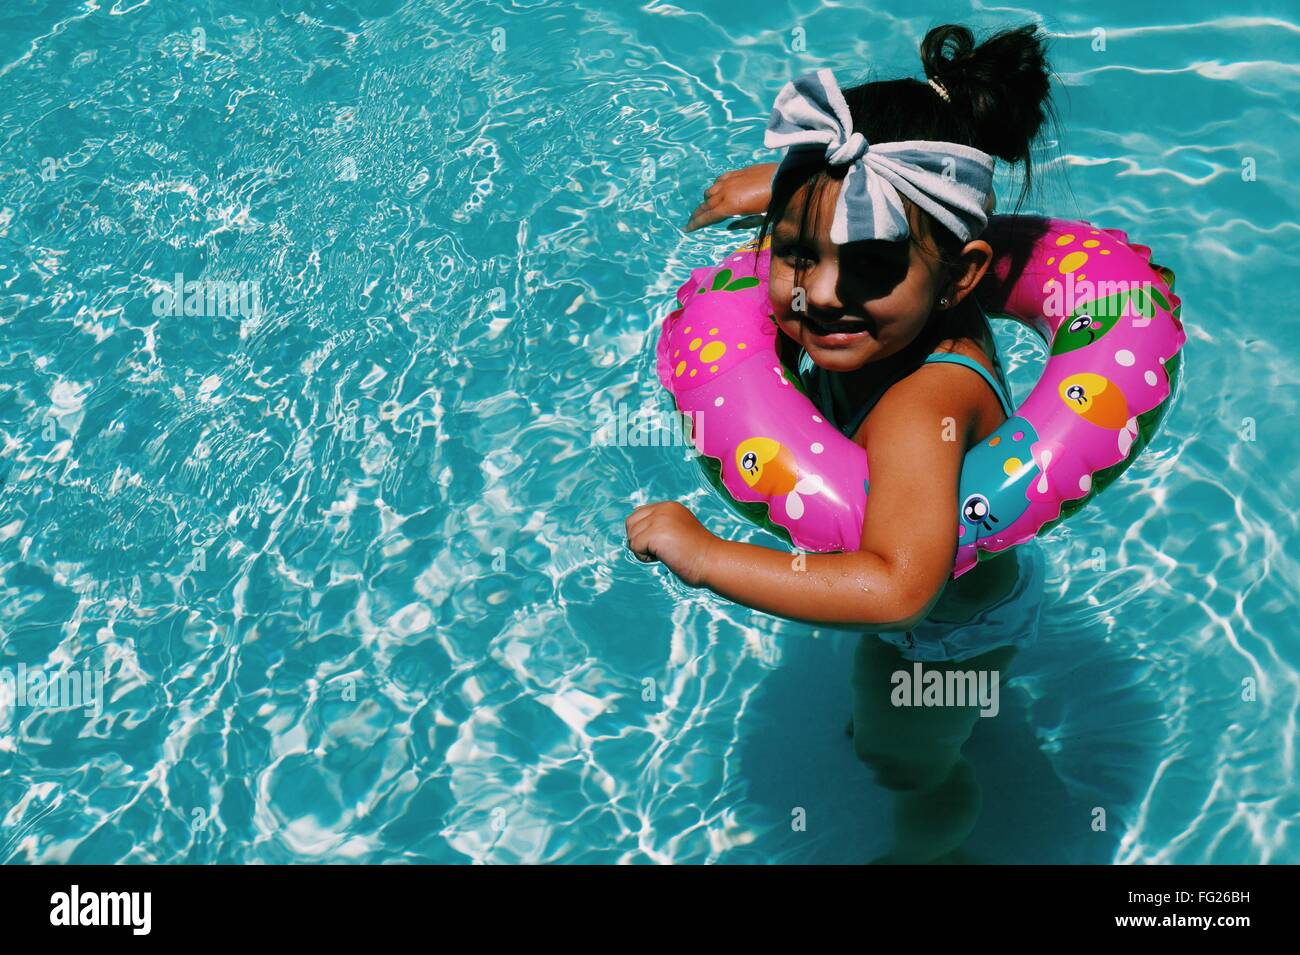 Un alto ngulo de vista de ni a alegre nadar en piscina for Salvavidas para piscinas